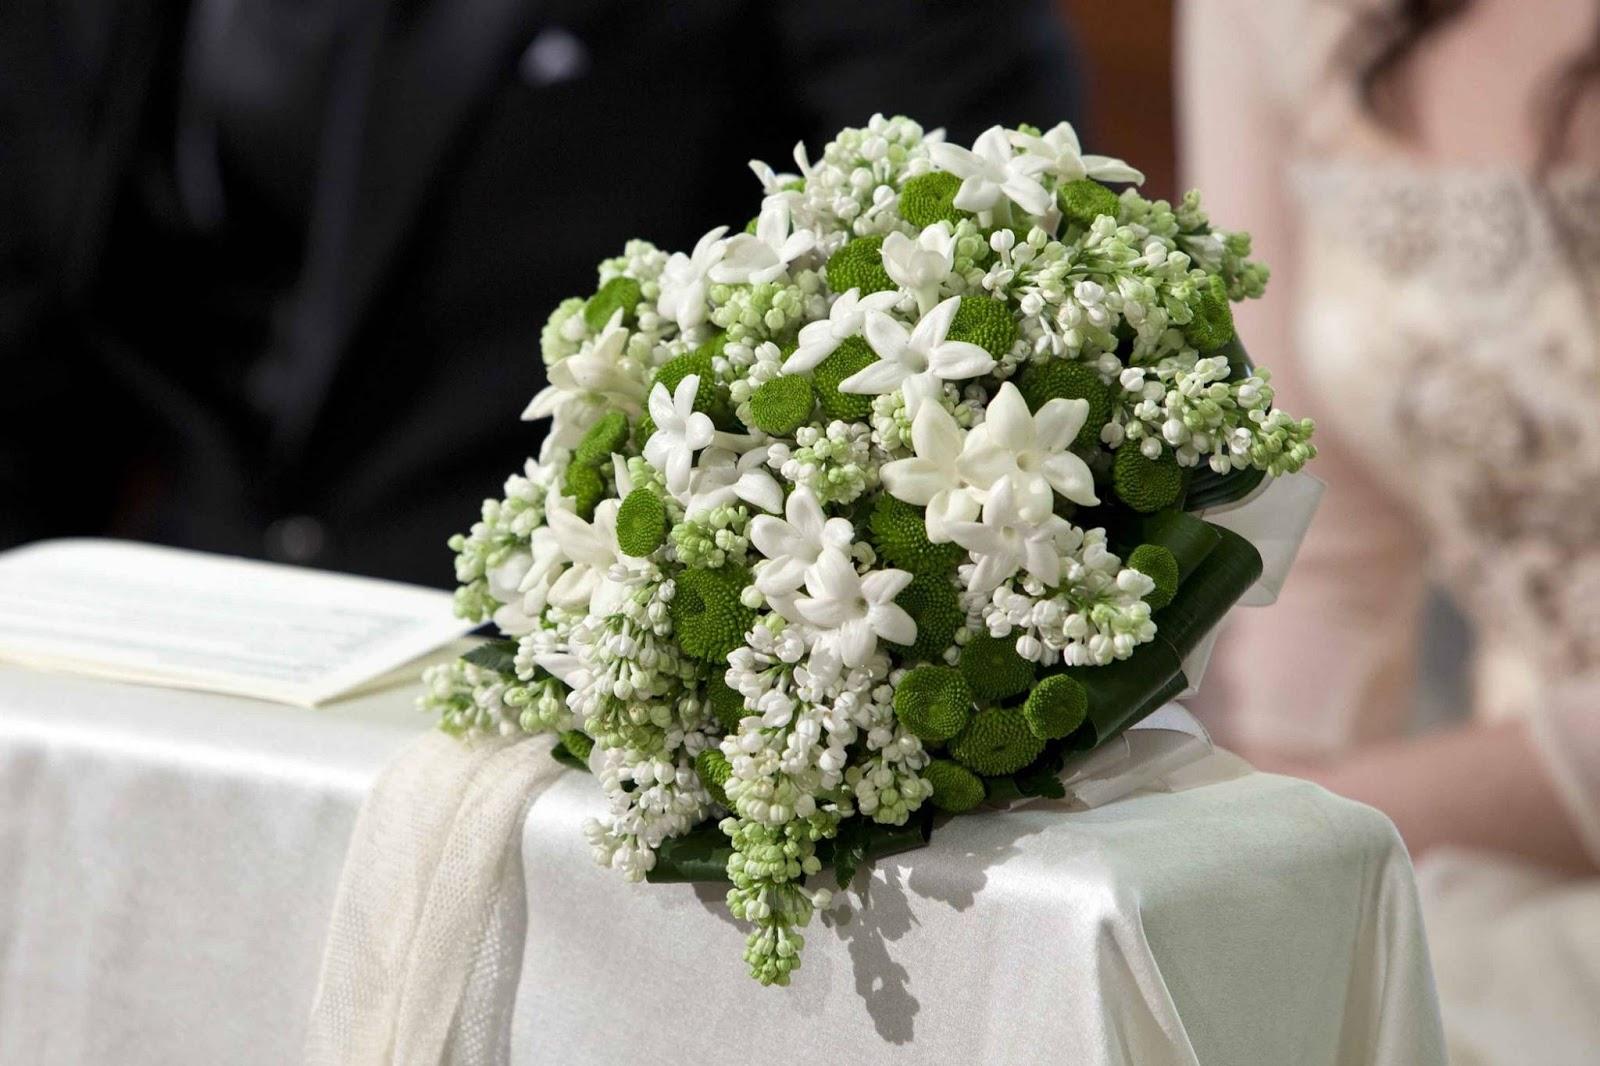 Nomi Fiori Bianchi Matrimonio.Bouquet Consigli Preziosi Per La Sposa Perfetta Annalisa Fieni